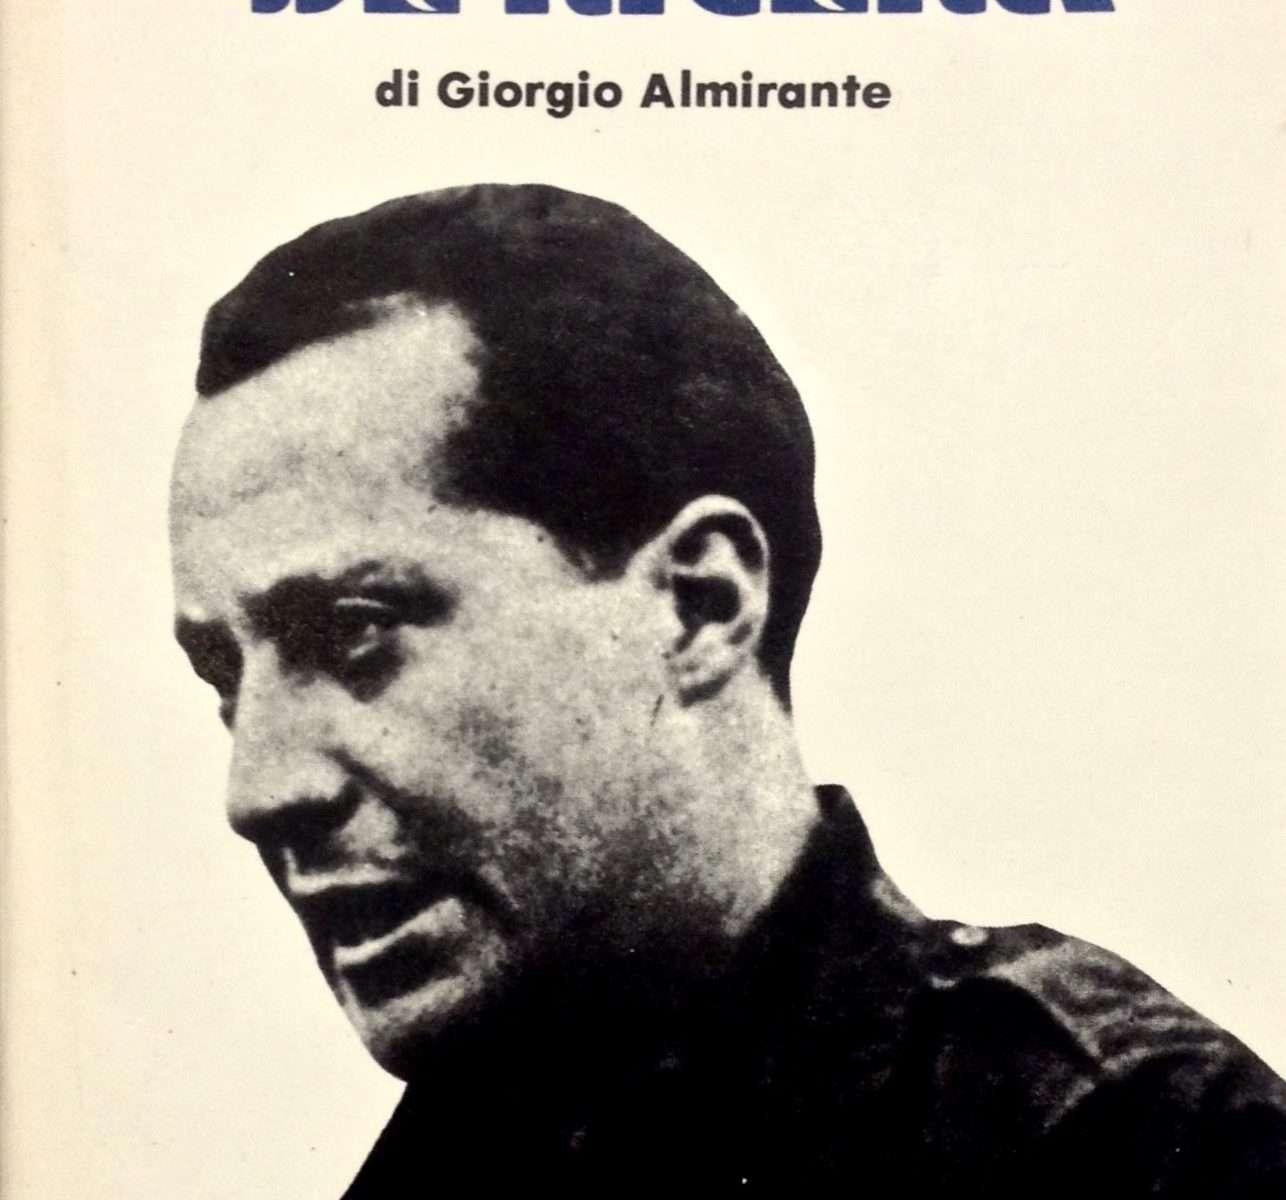 JOSE' ANTONIO PRIMO DE RIVERA <BR/>Giorgio Almirante